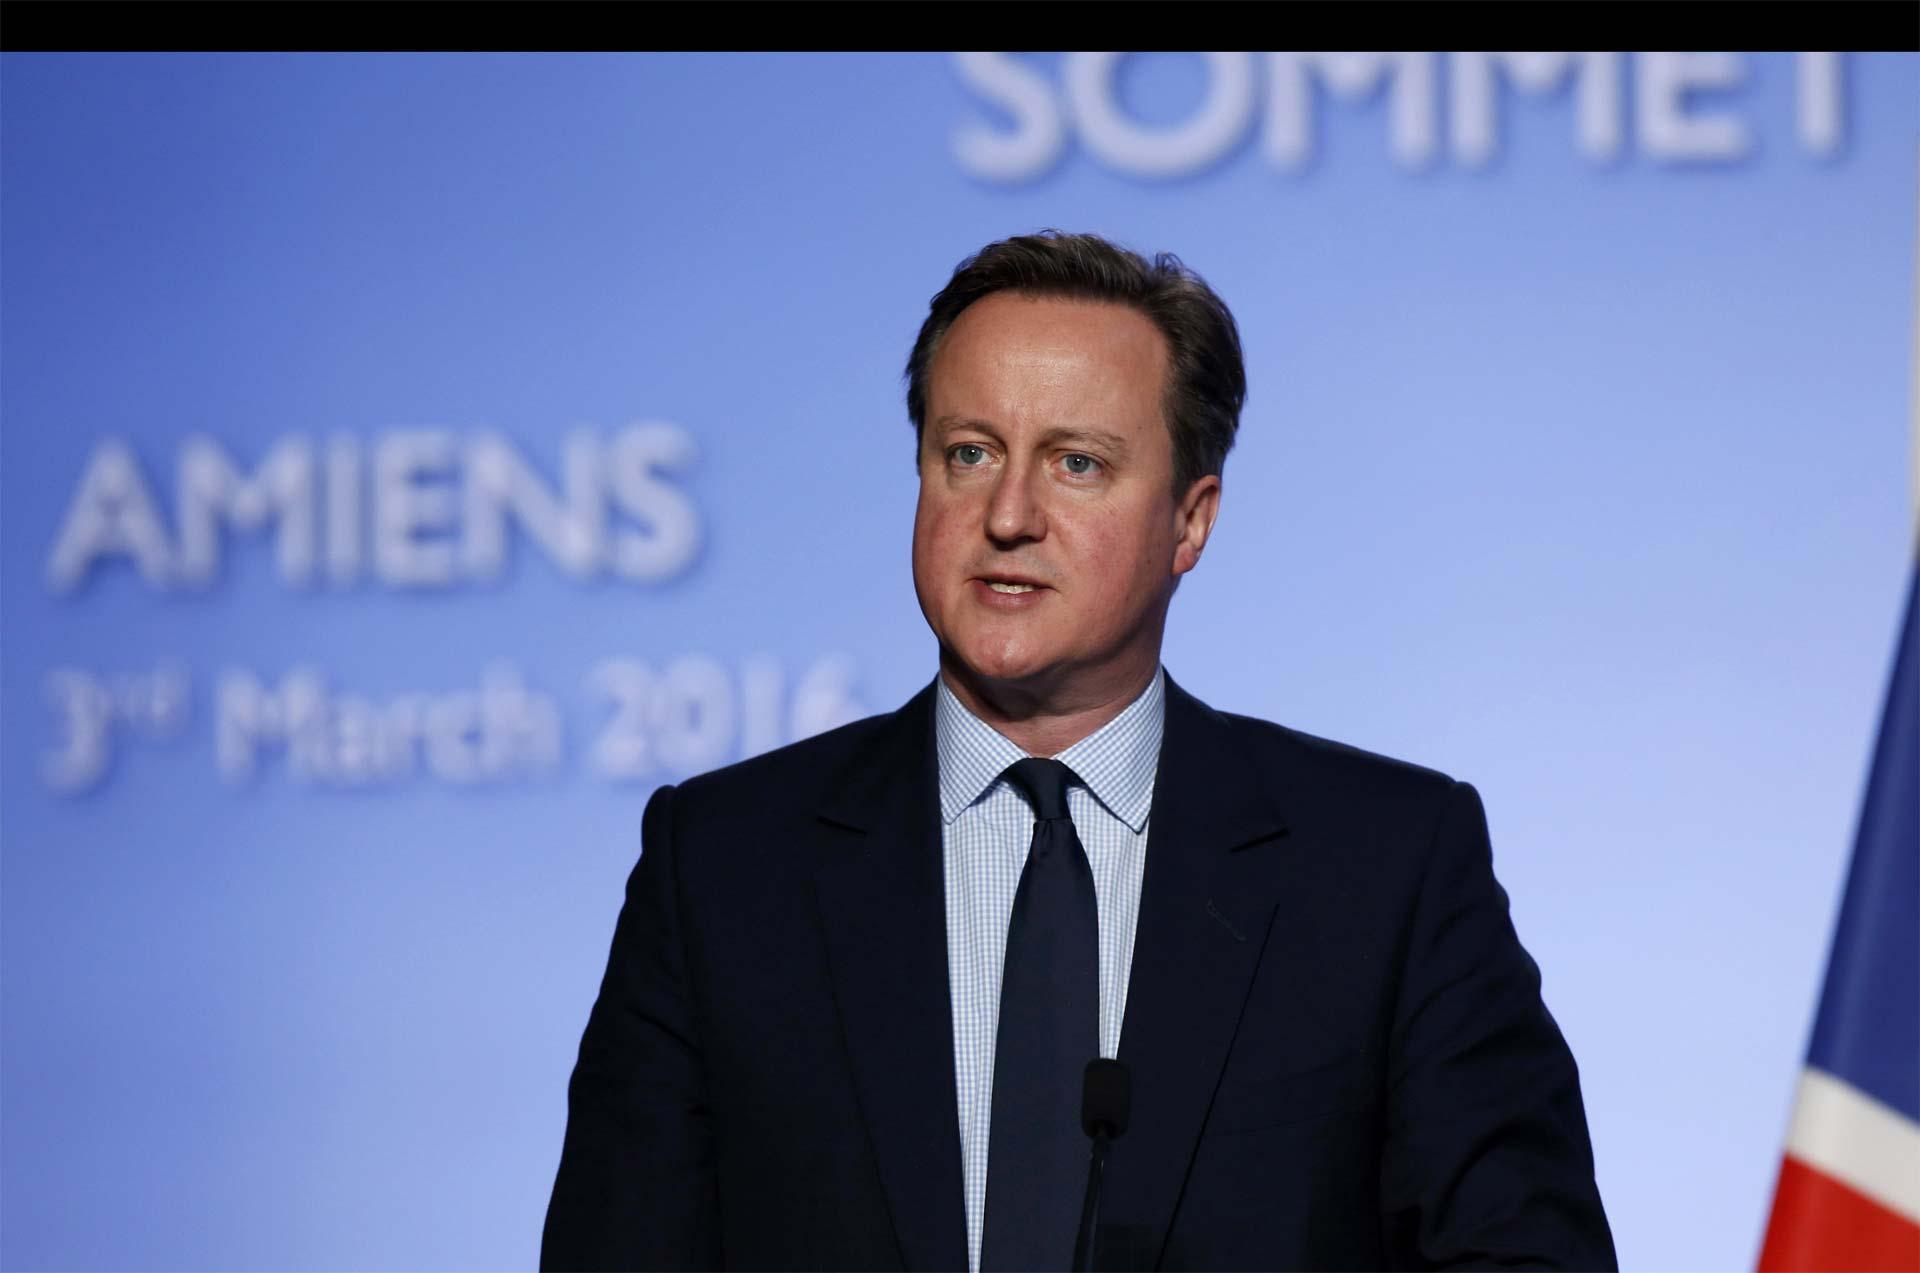 El primer ministro británico, David Cameron, insistirá en la necesidad de mantener el alto el fuego